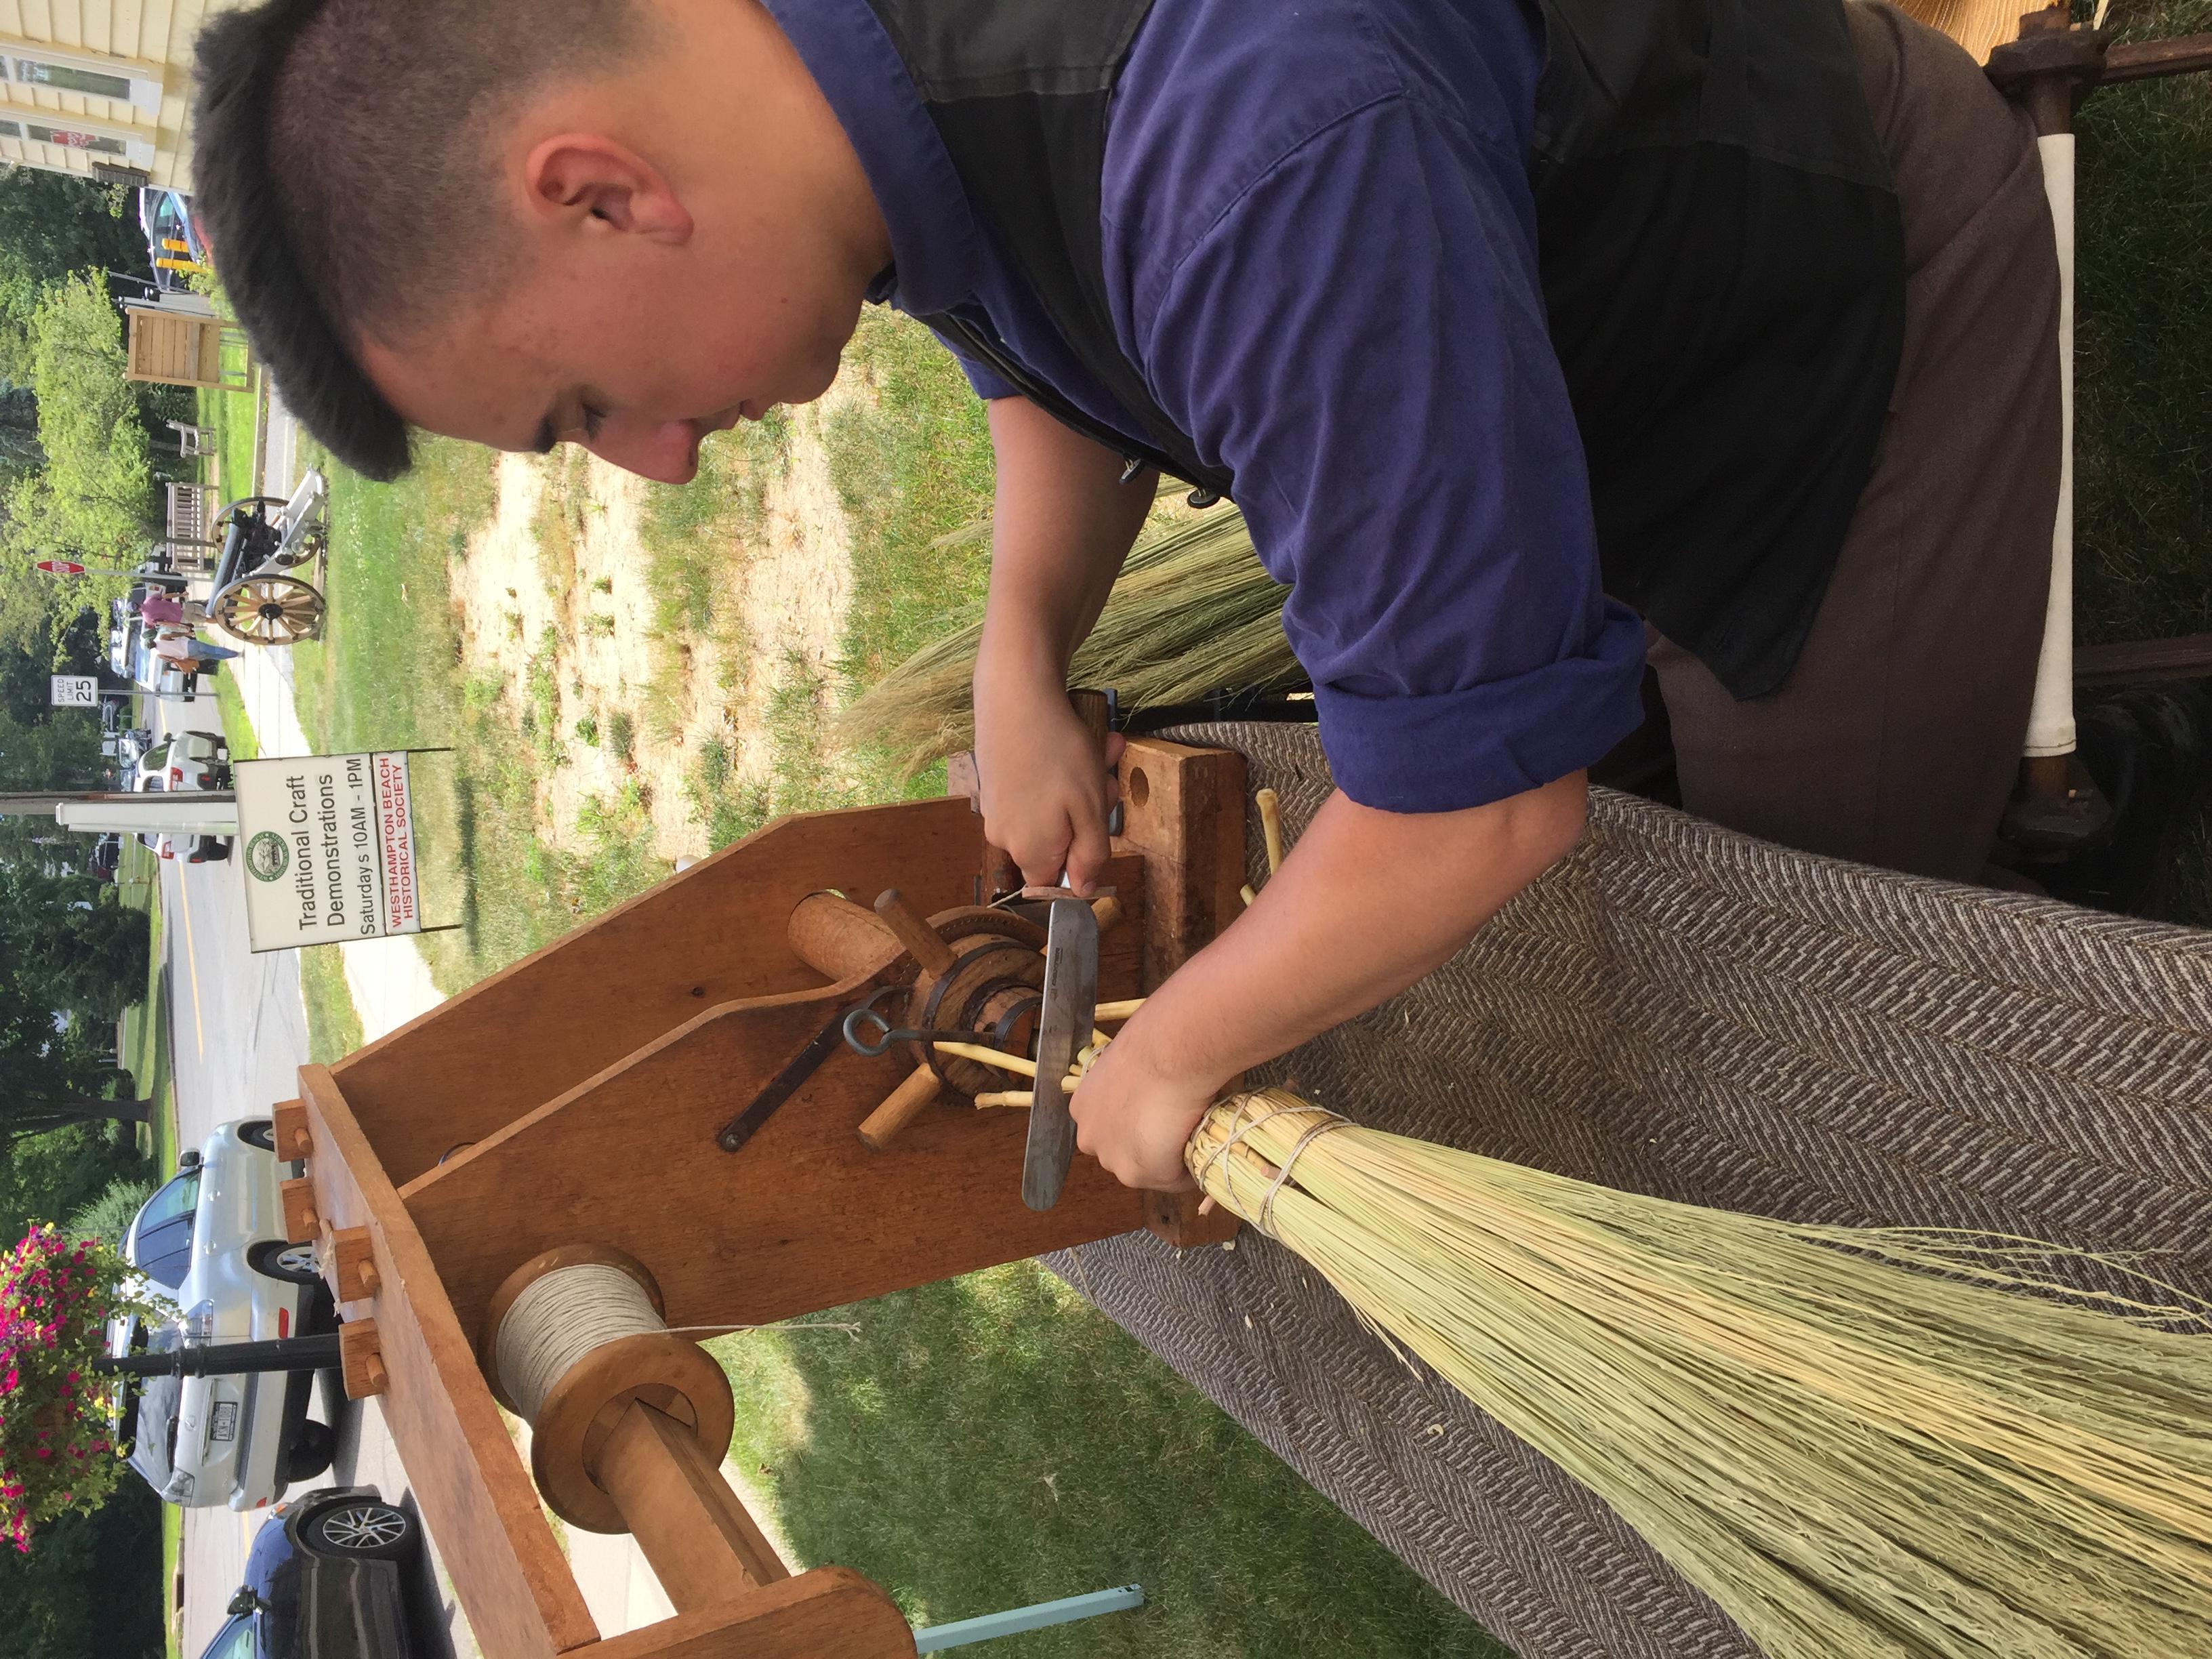 Broom Making & Historic Jam Making at Westhampton Beach Historical Society